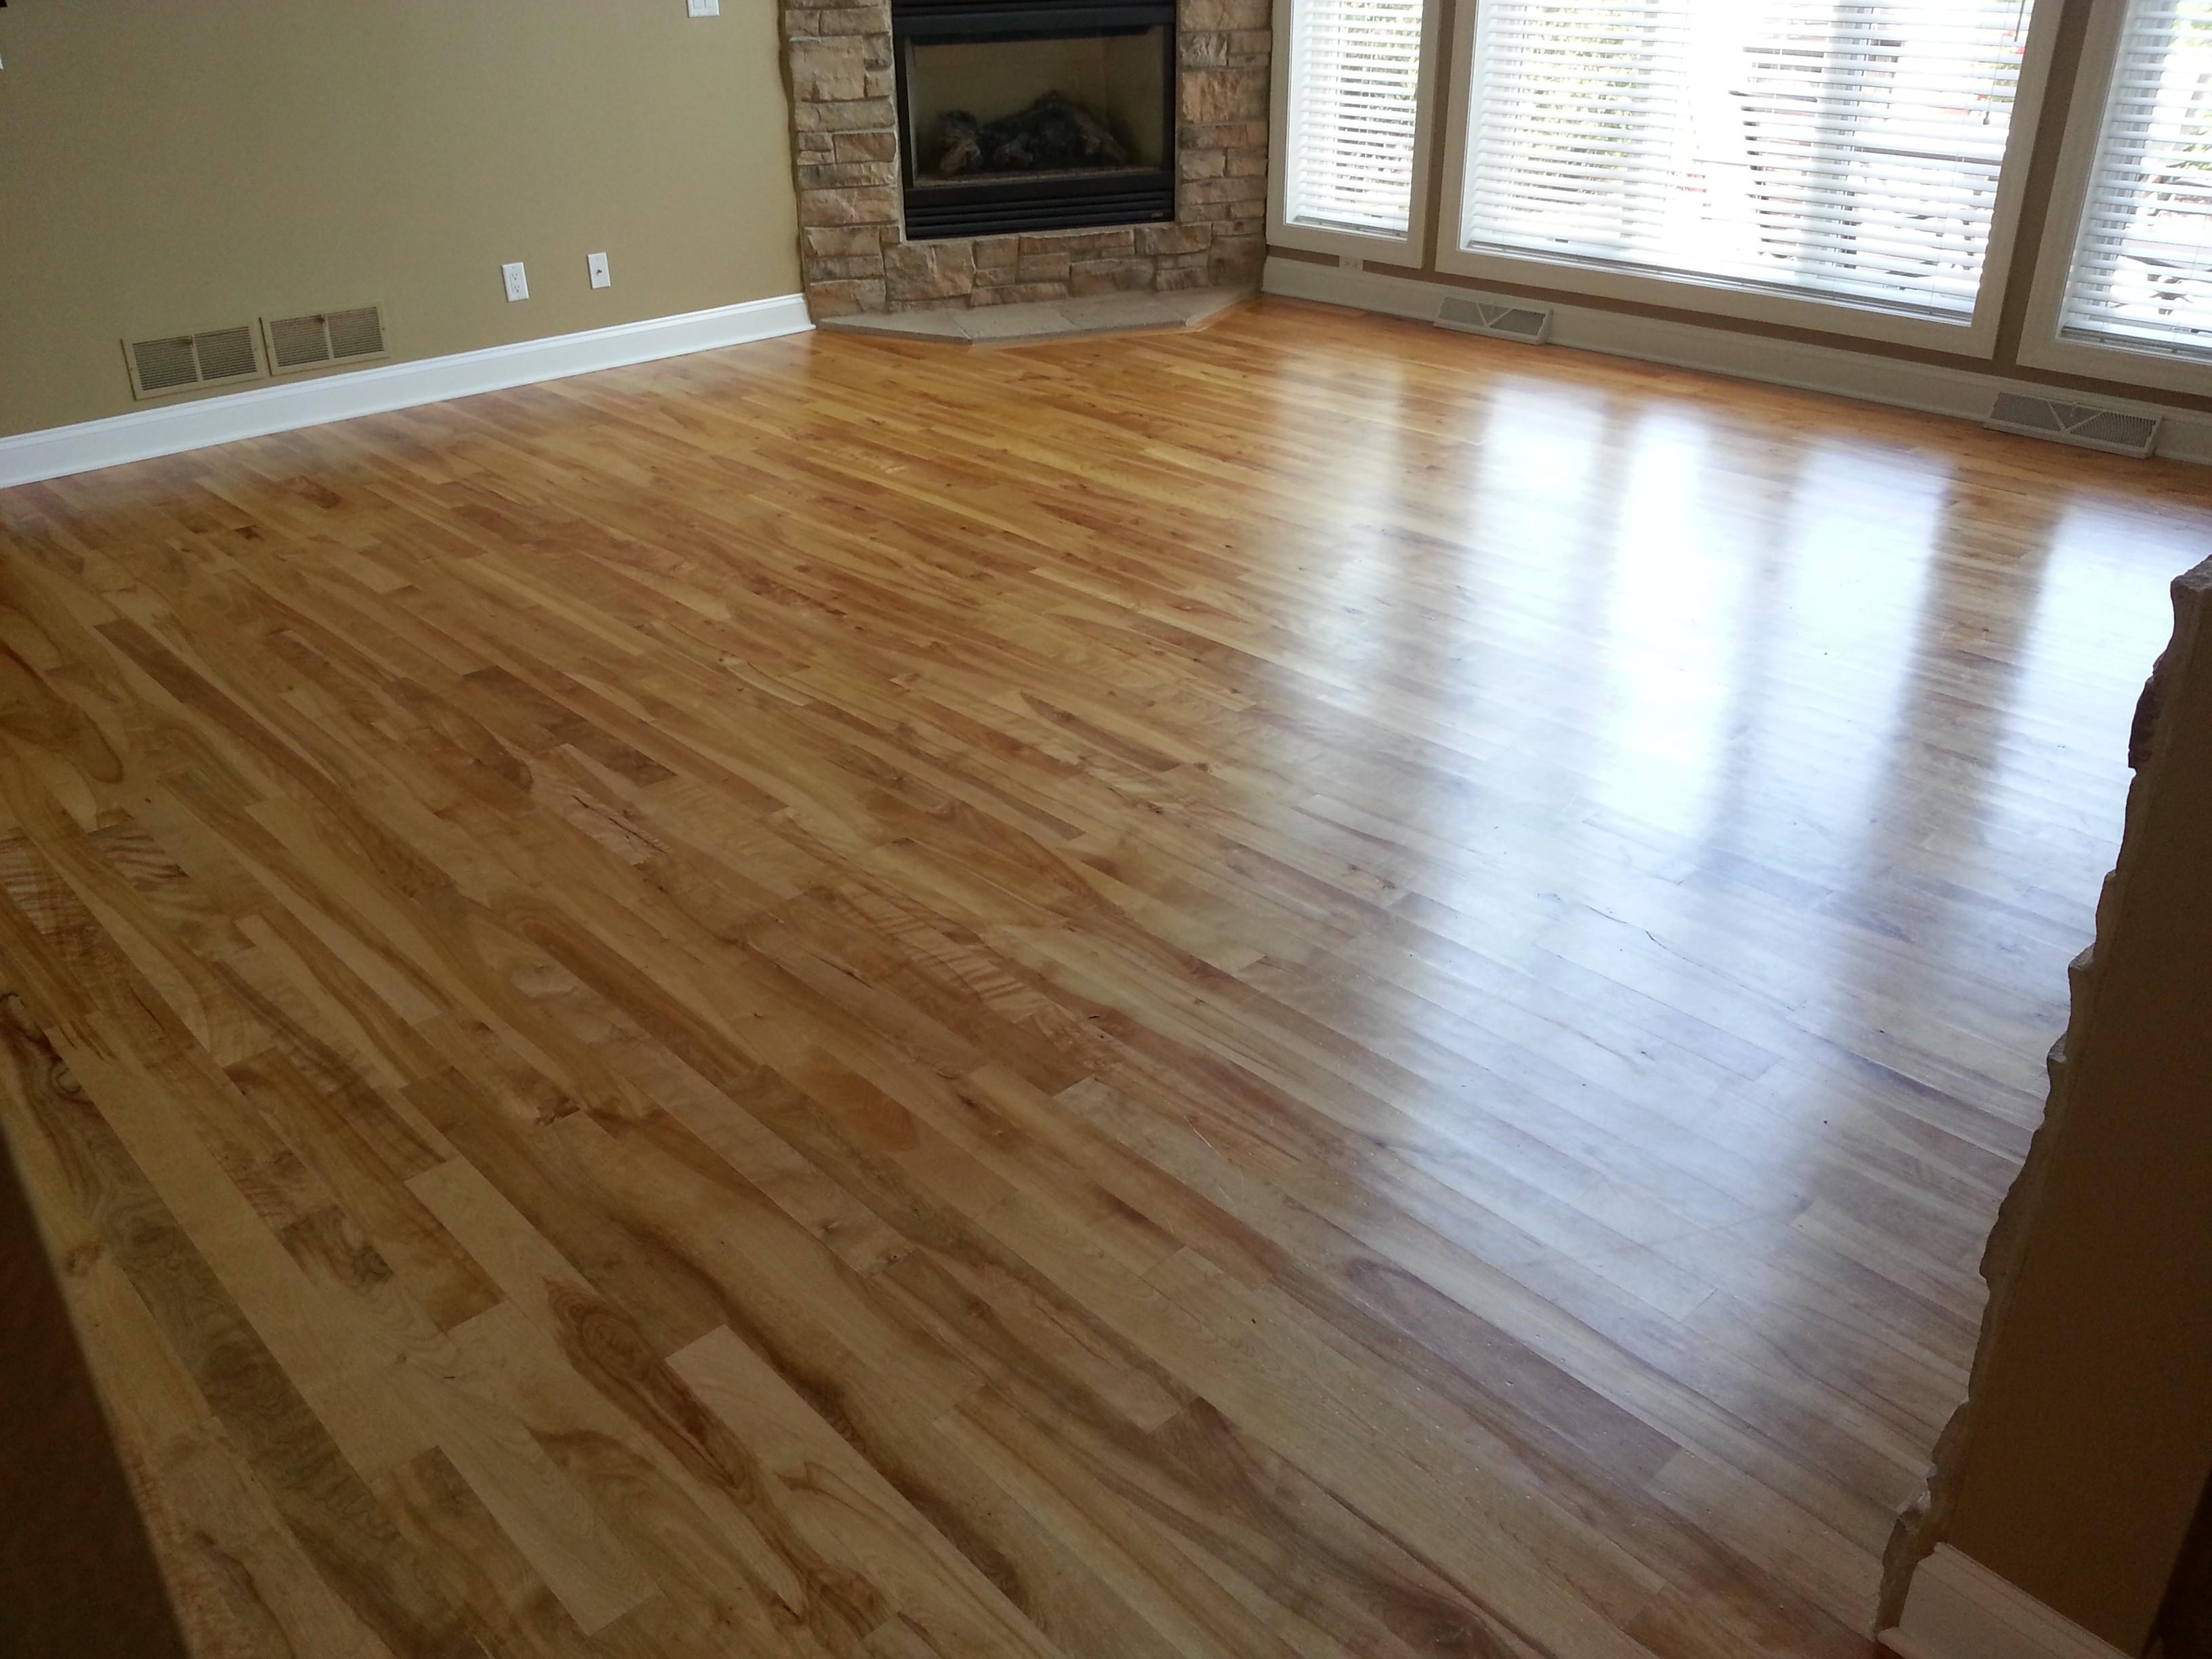 Buff Coat Hardwood Floor Renewal